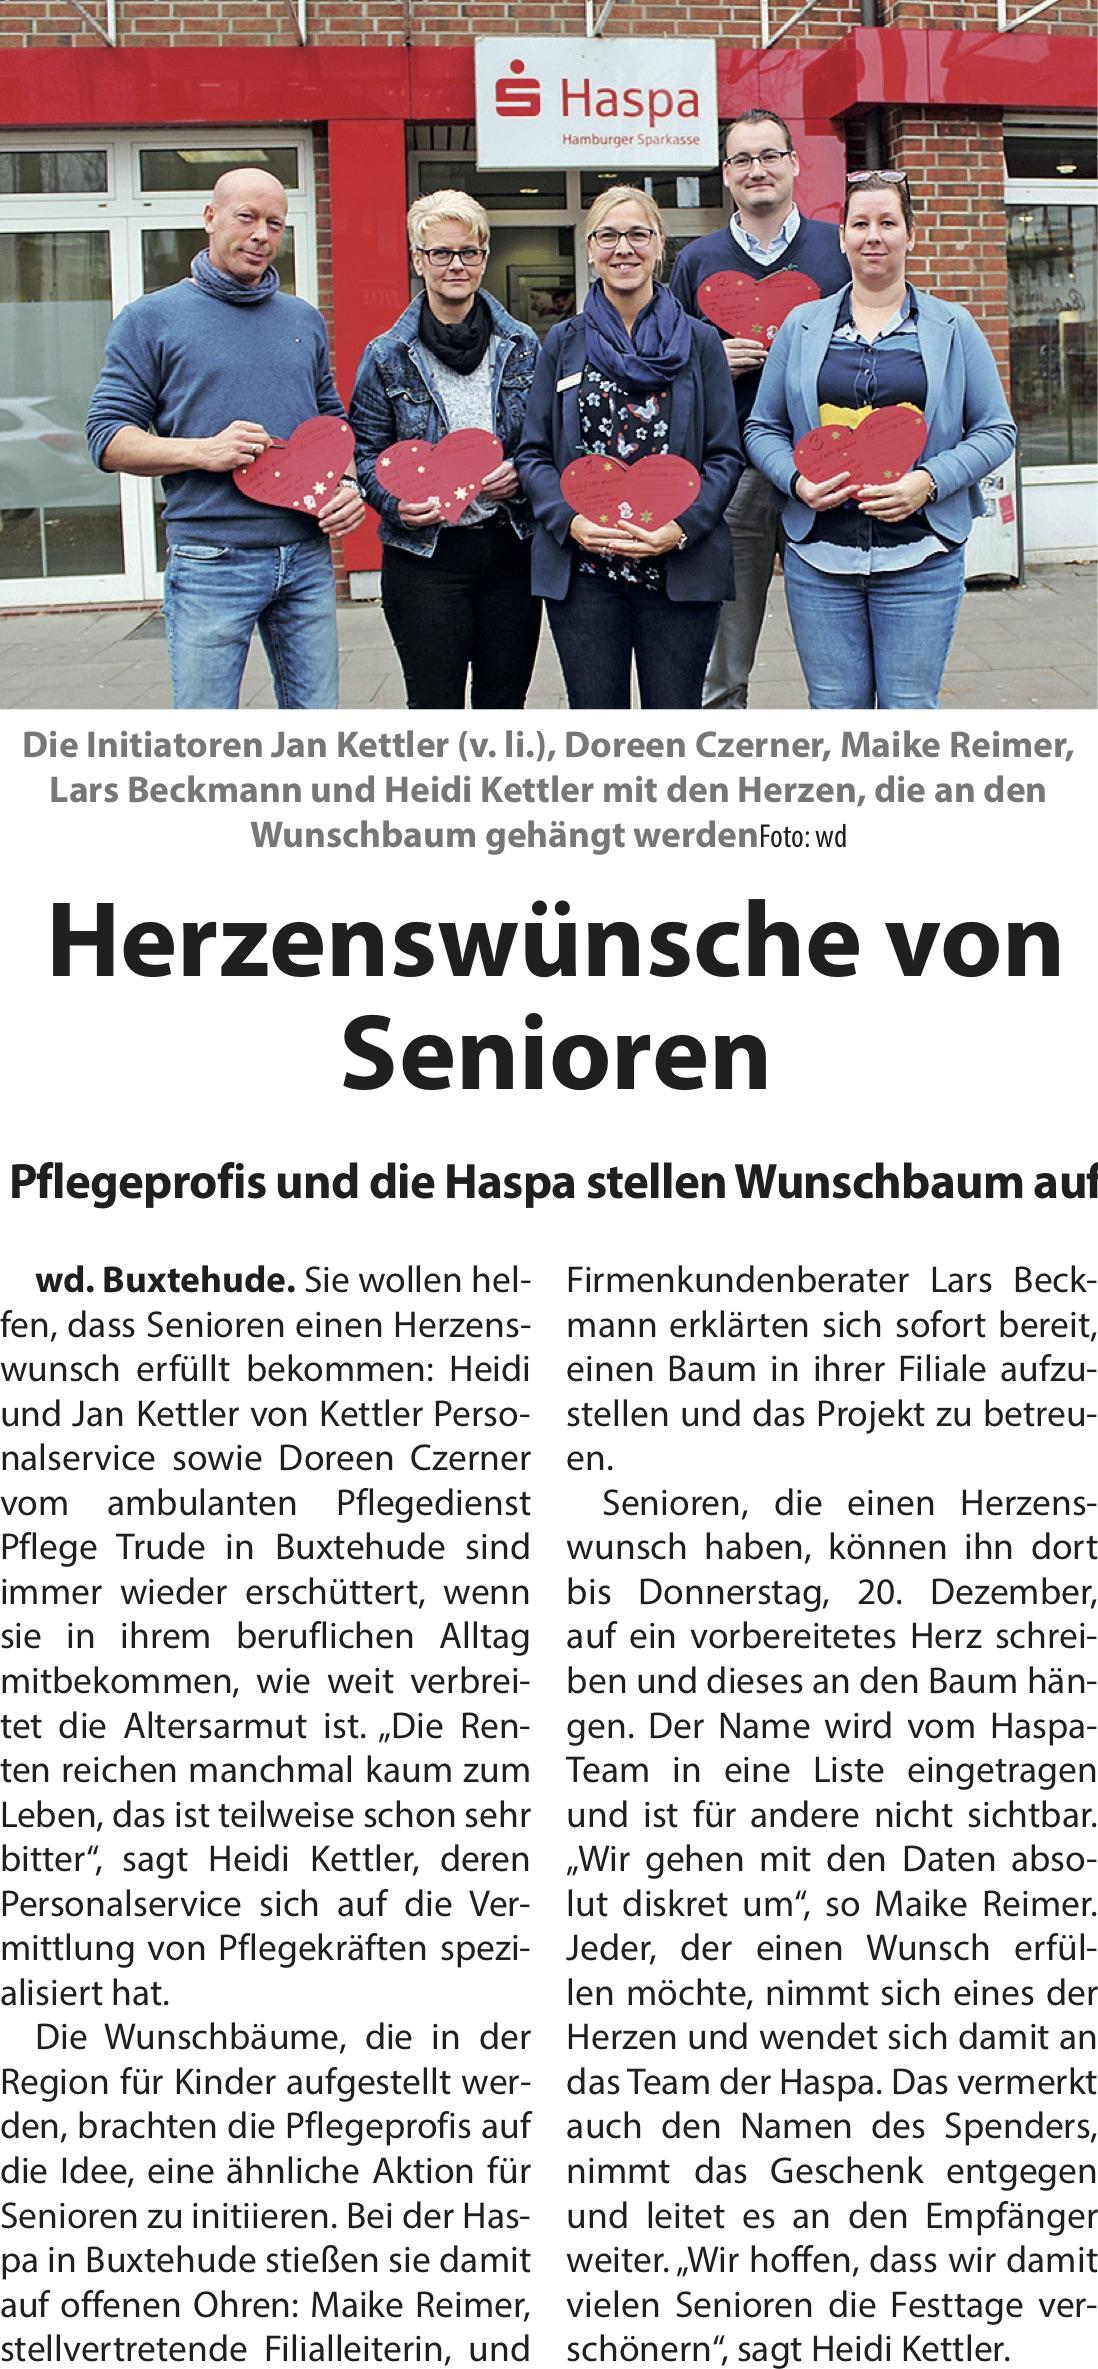 """Kettler Personalservice und Pflegetrude Initiatoren des """"Buxtehuder Wünschebaums"""" für Senioren."""